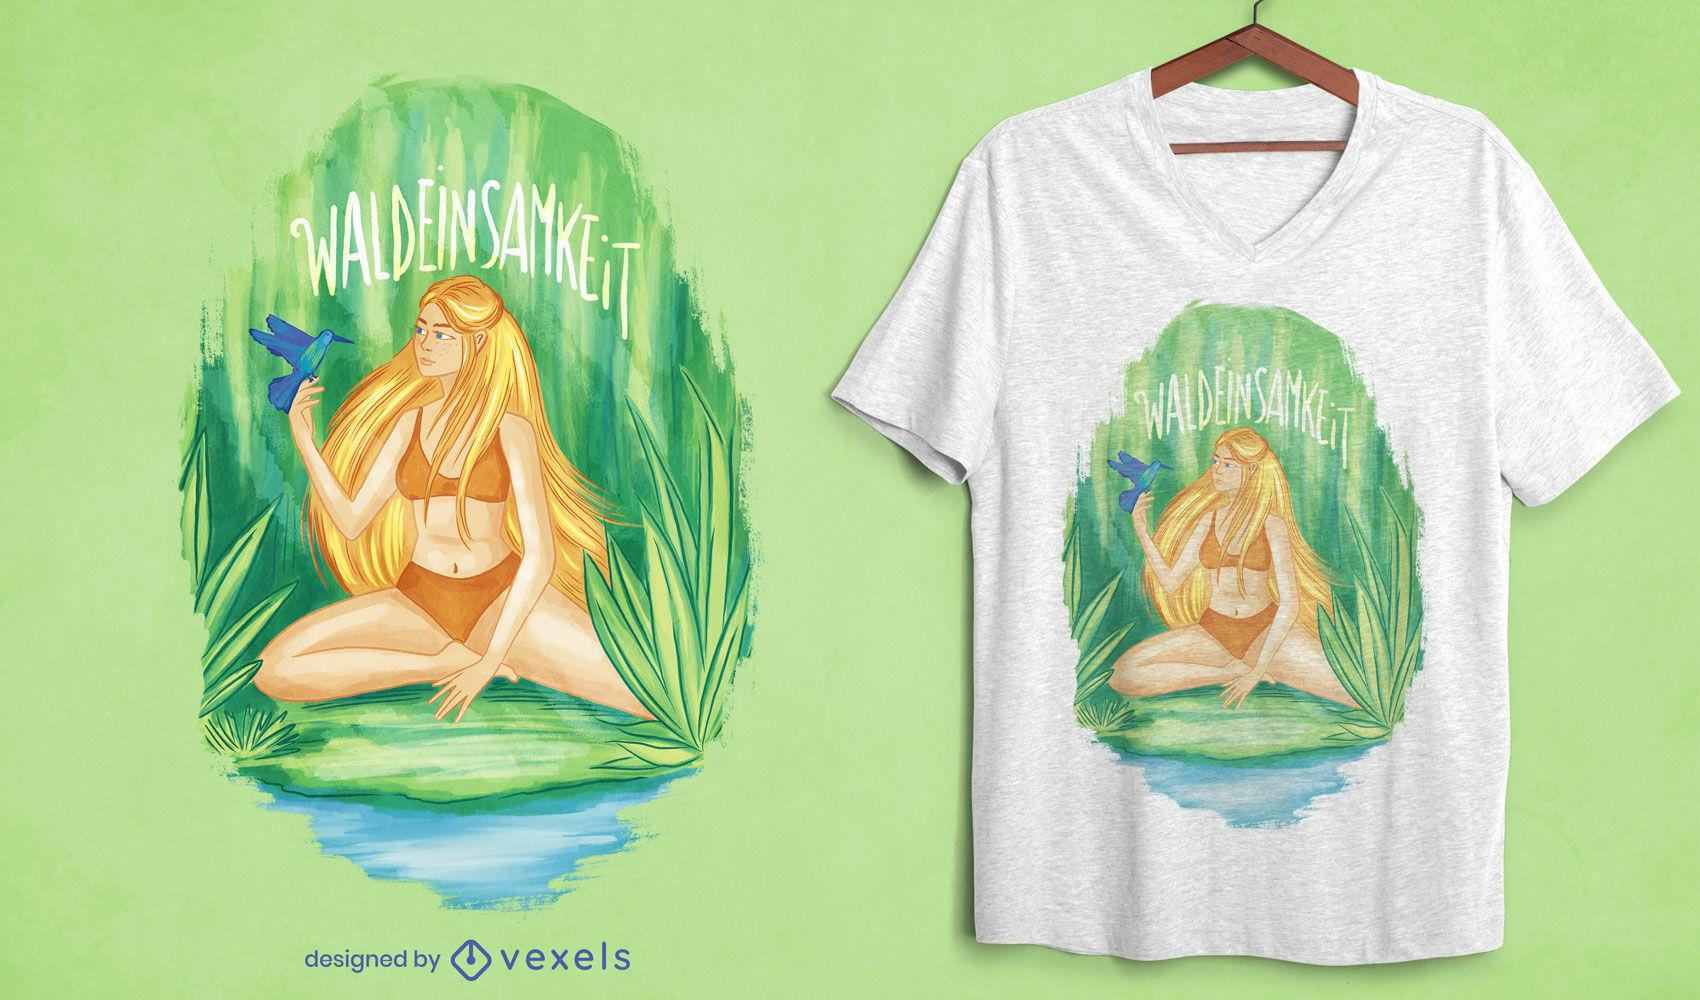 Camiseta mujer rubia en el bosque psd